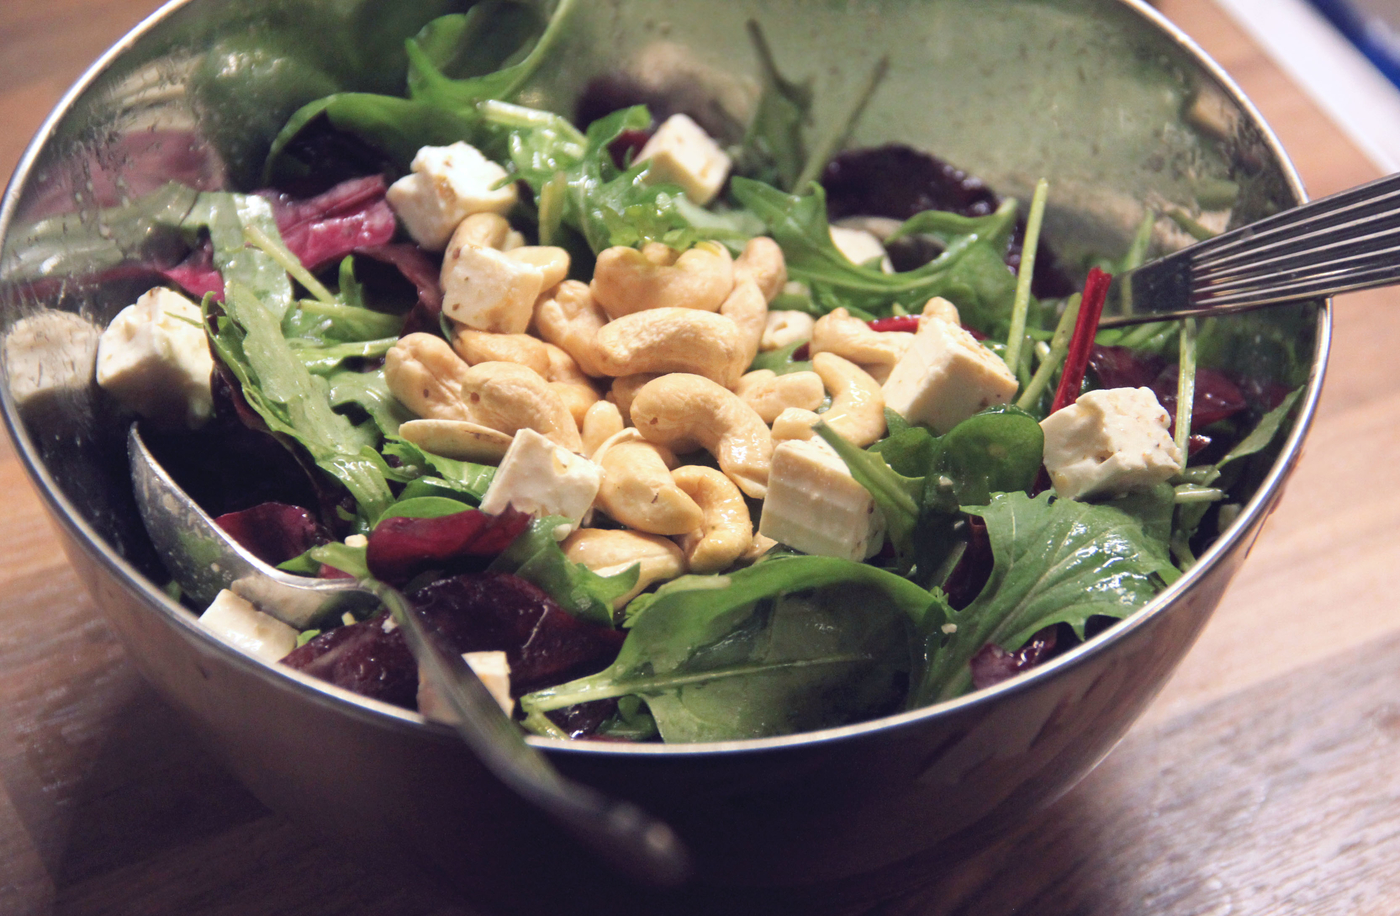 Wednesday Wellness: Terveellisempää ruuanlaittoa (sis. kaksi reseptiä)